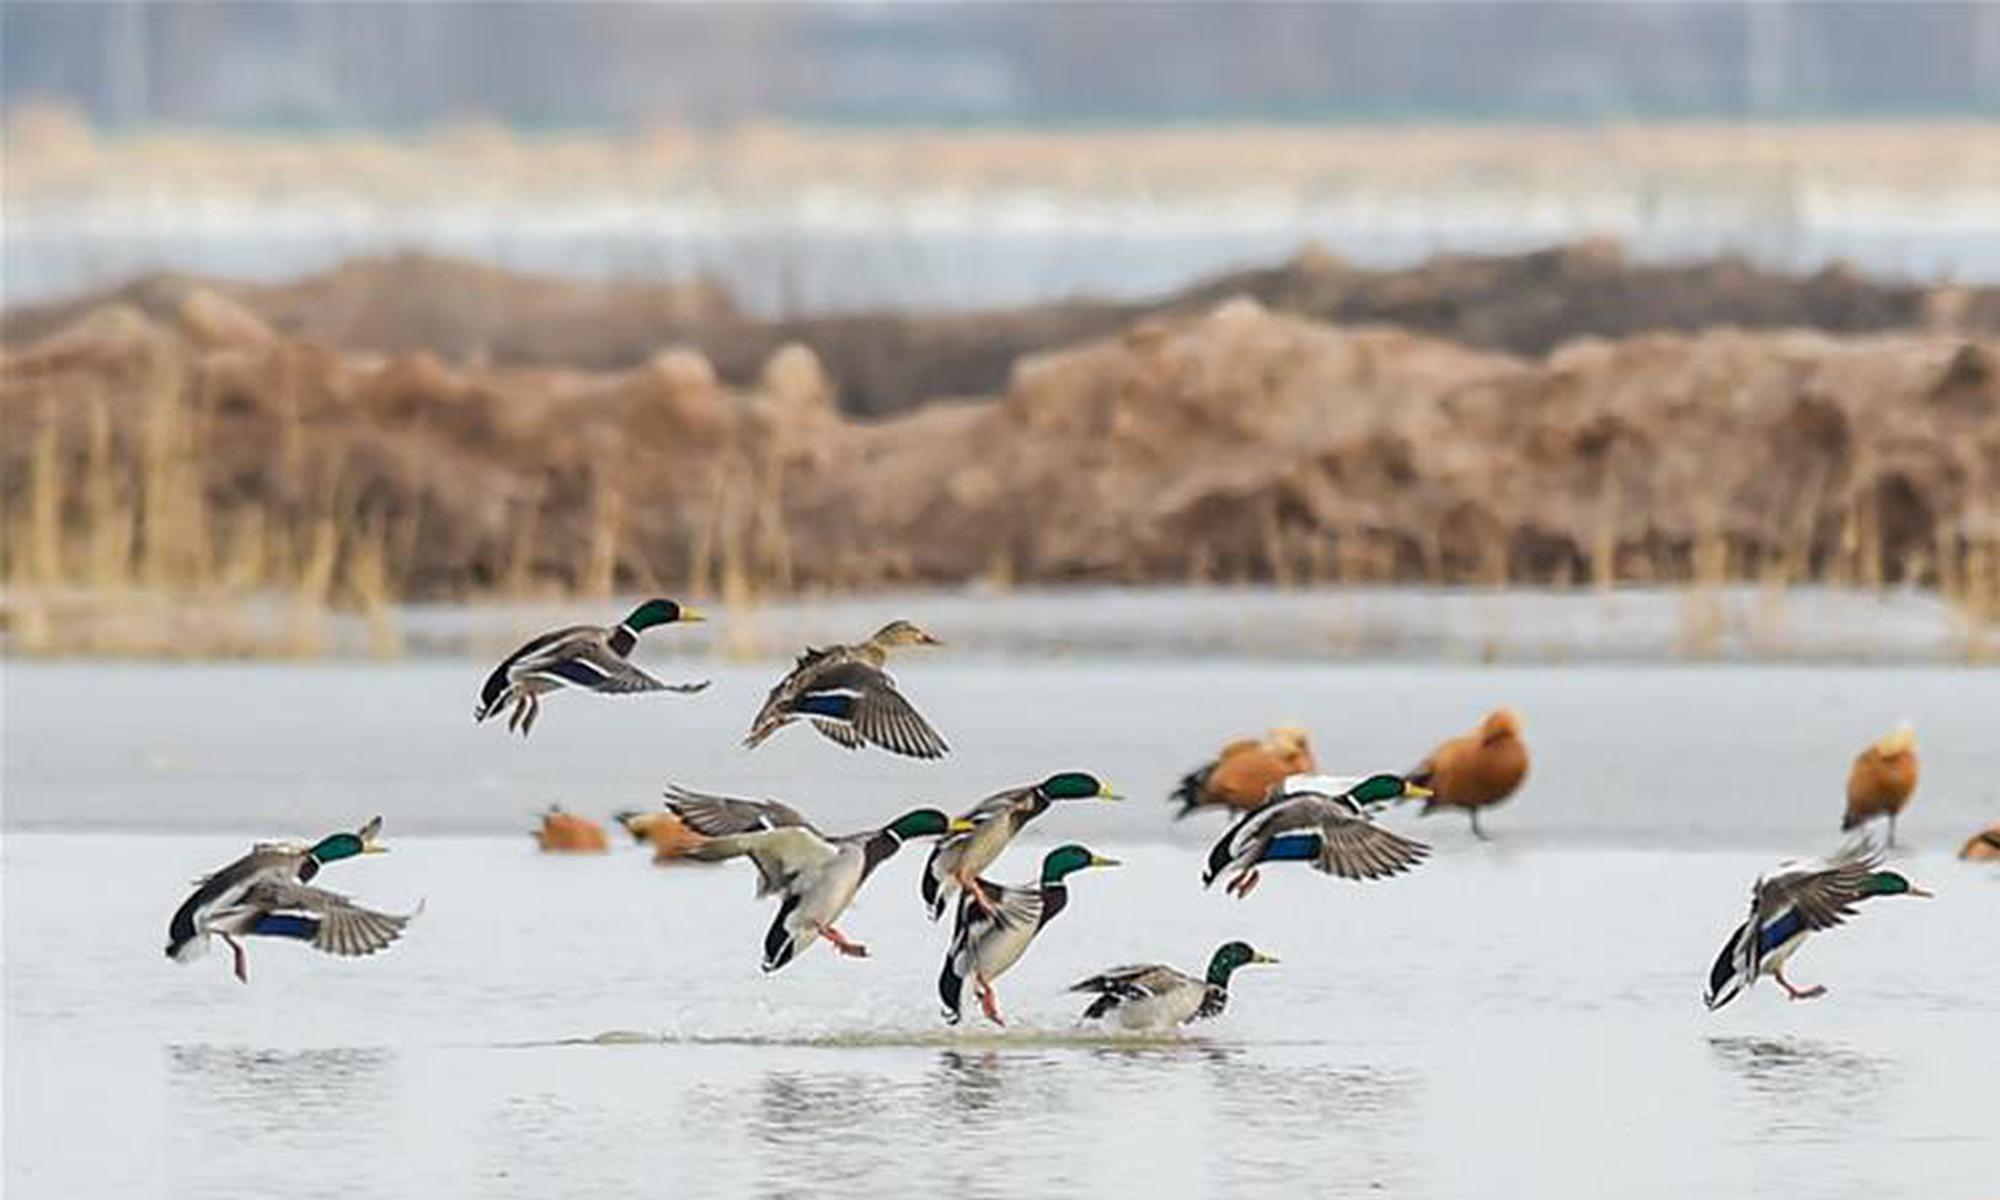 呼和浩特海流水库迎来迁徙候鸟